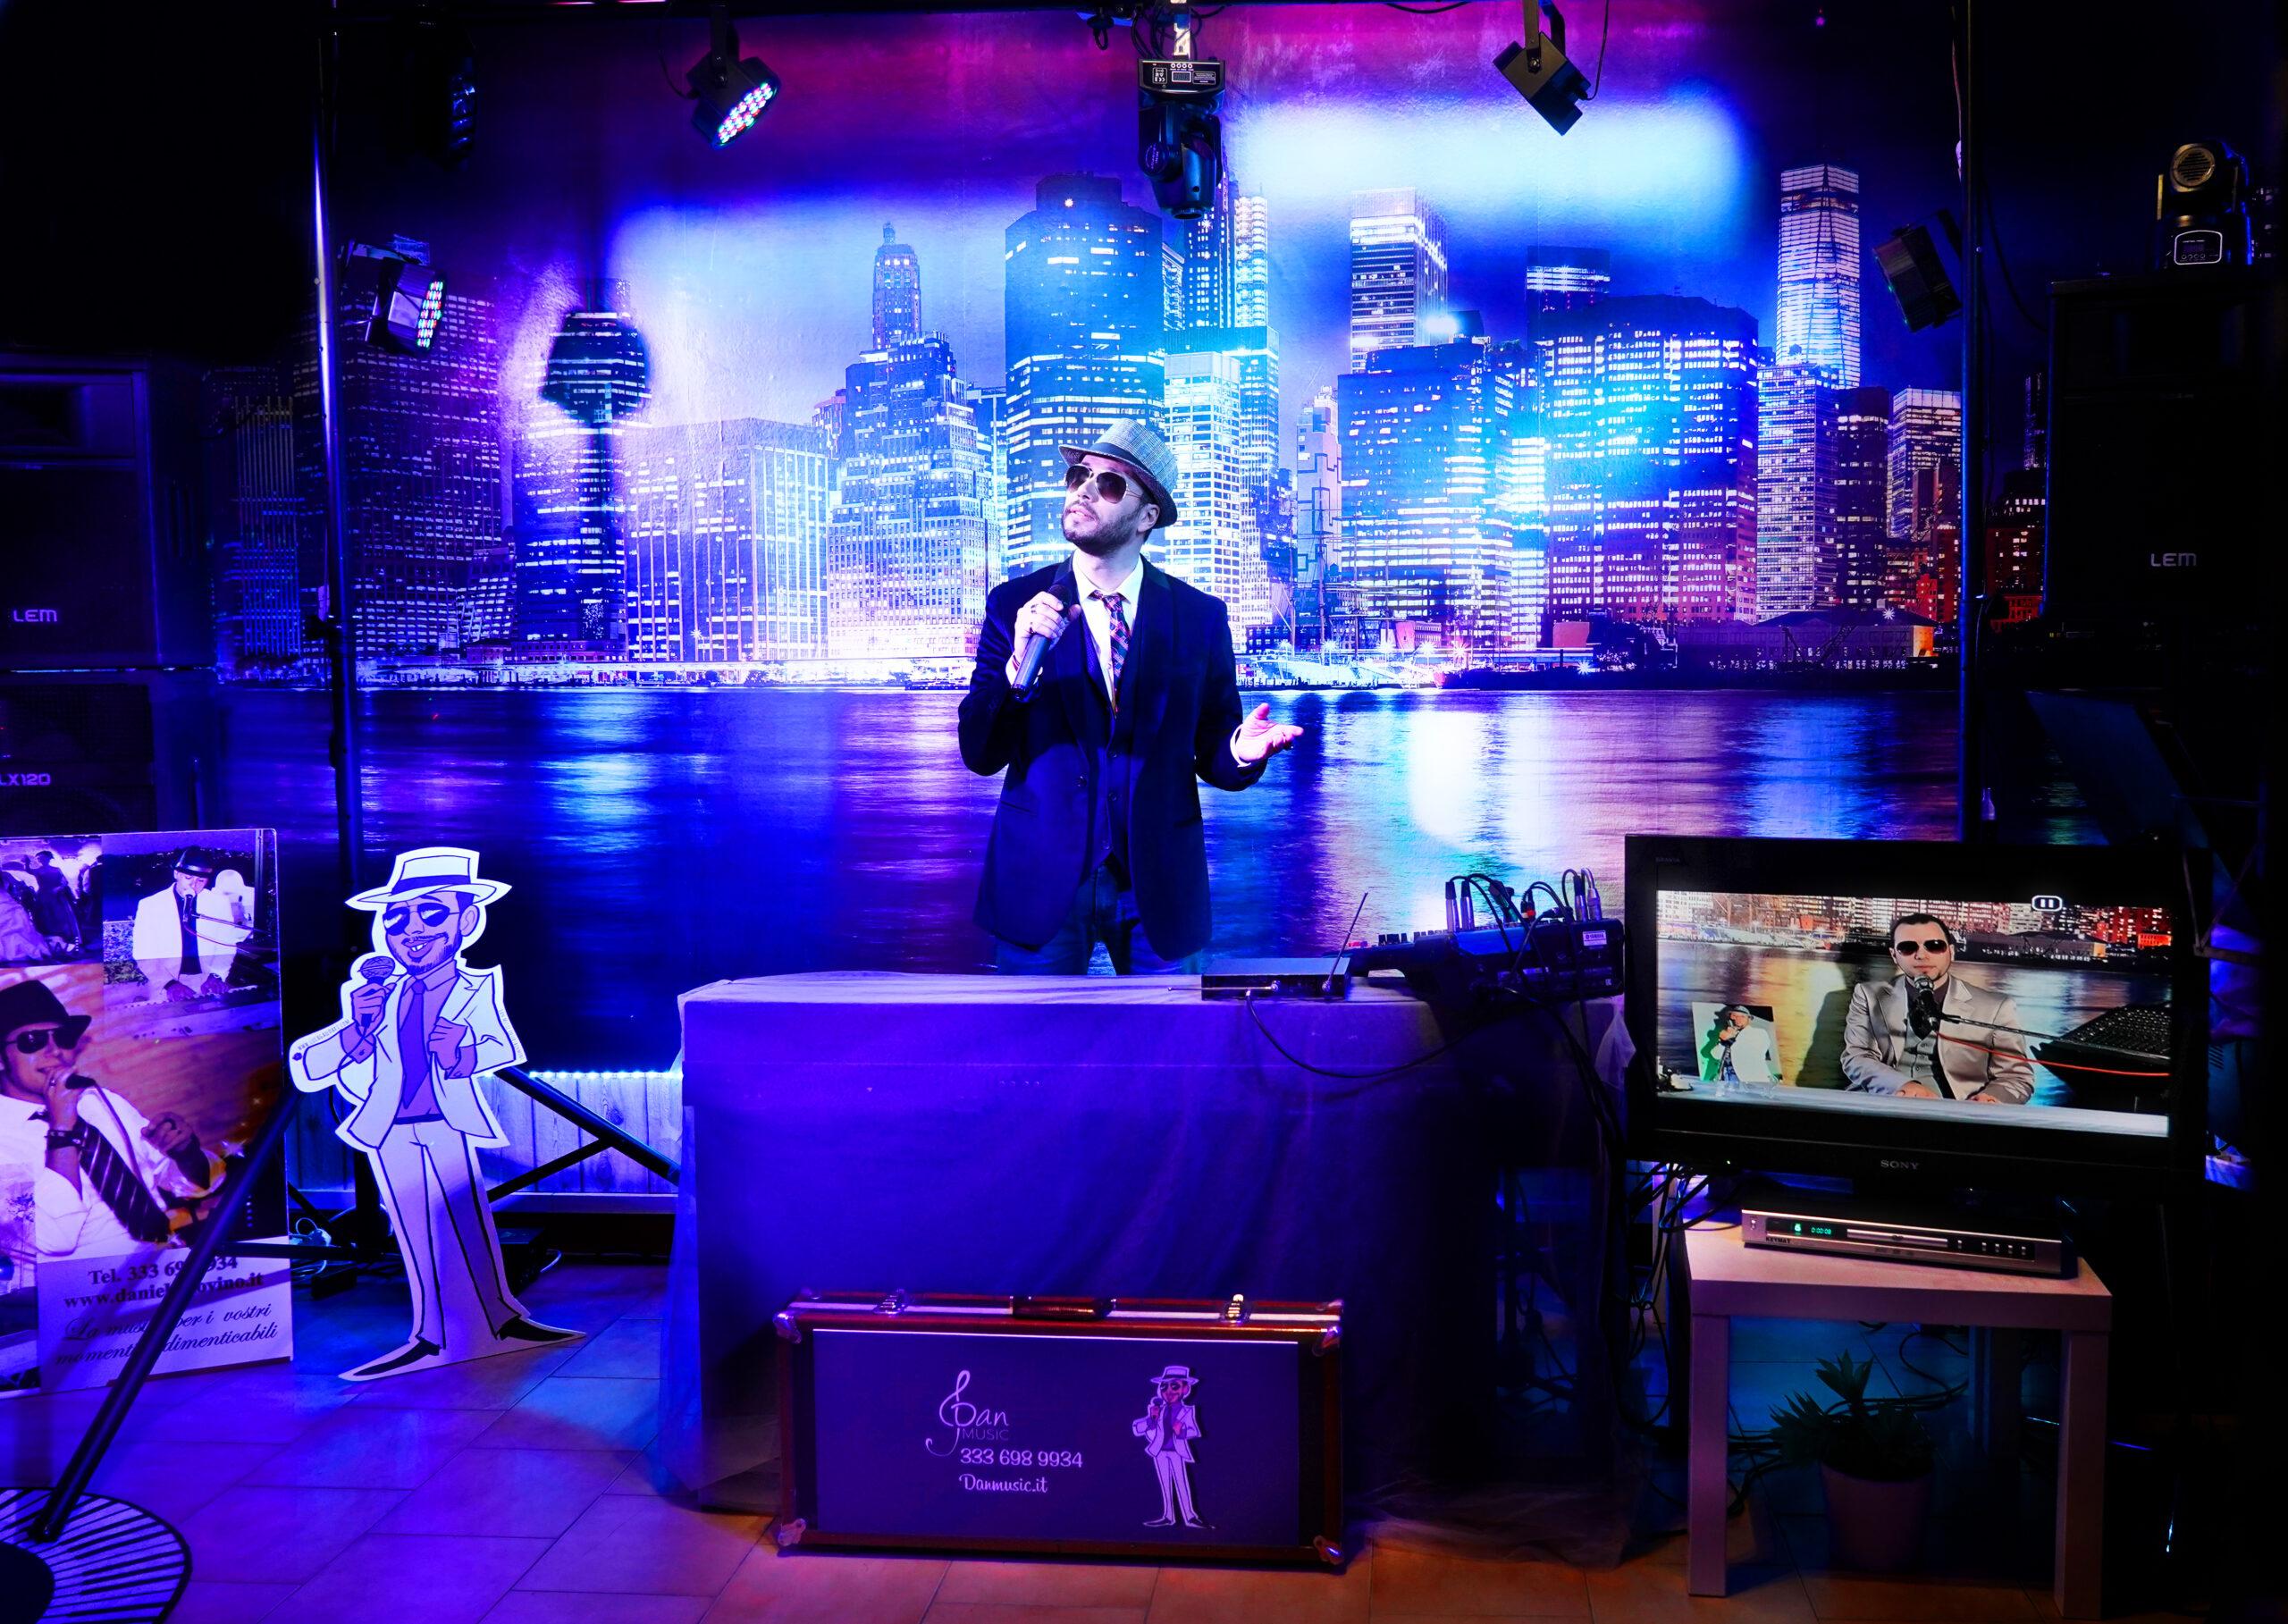 Dan Music Entertainment